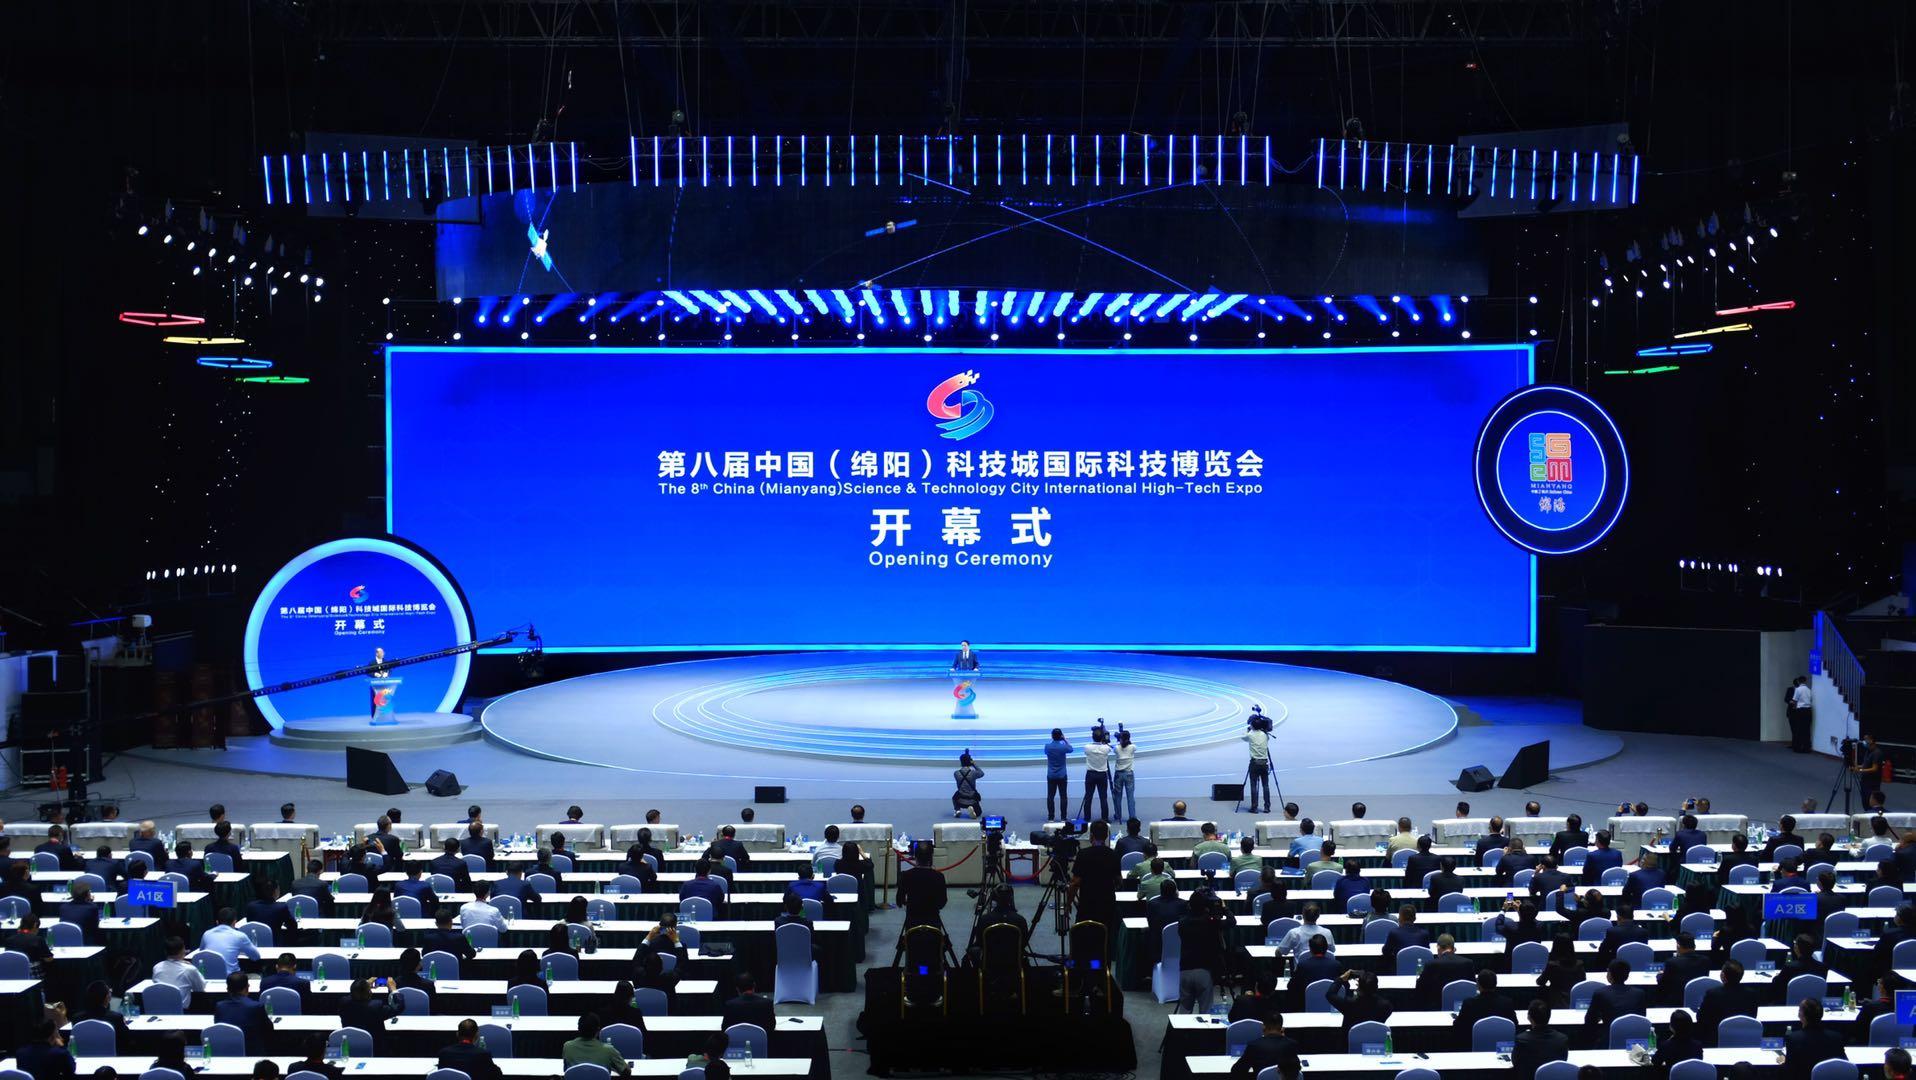 第八届中国(绵阳)科技城国际科技博览会开幕